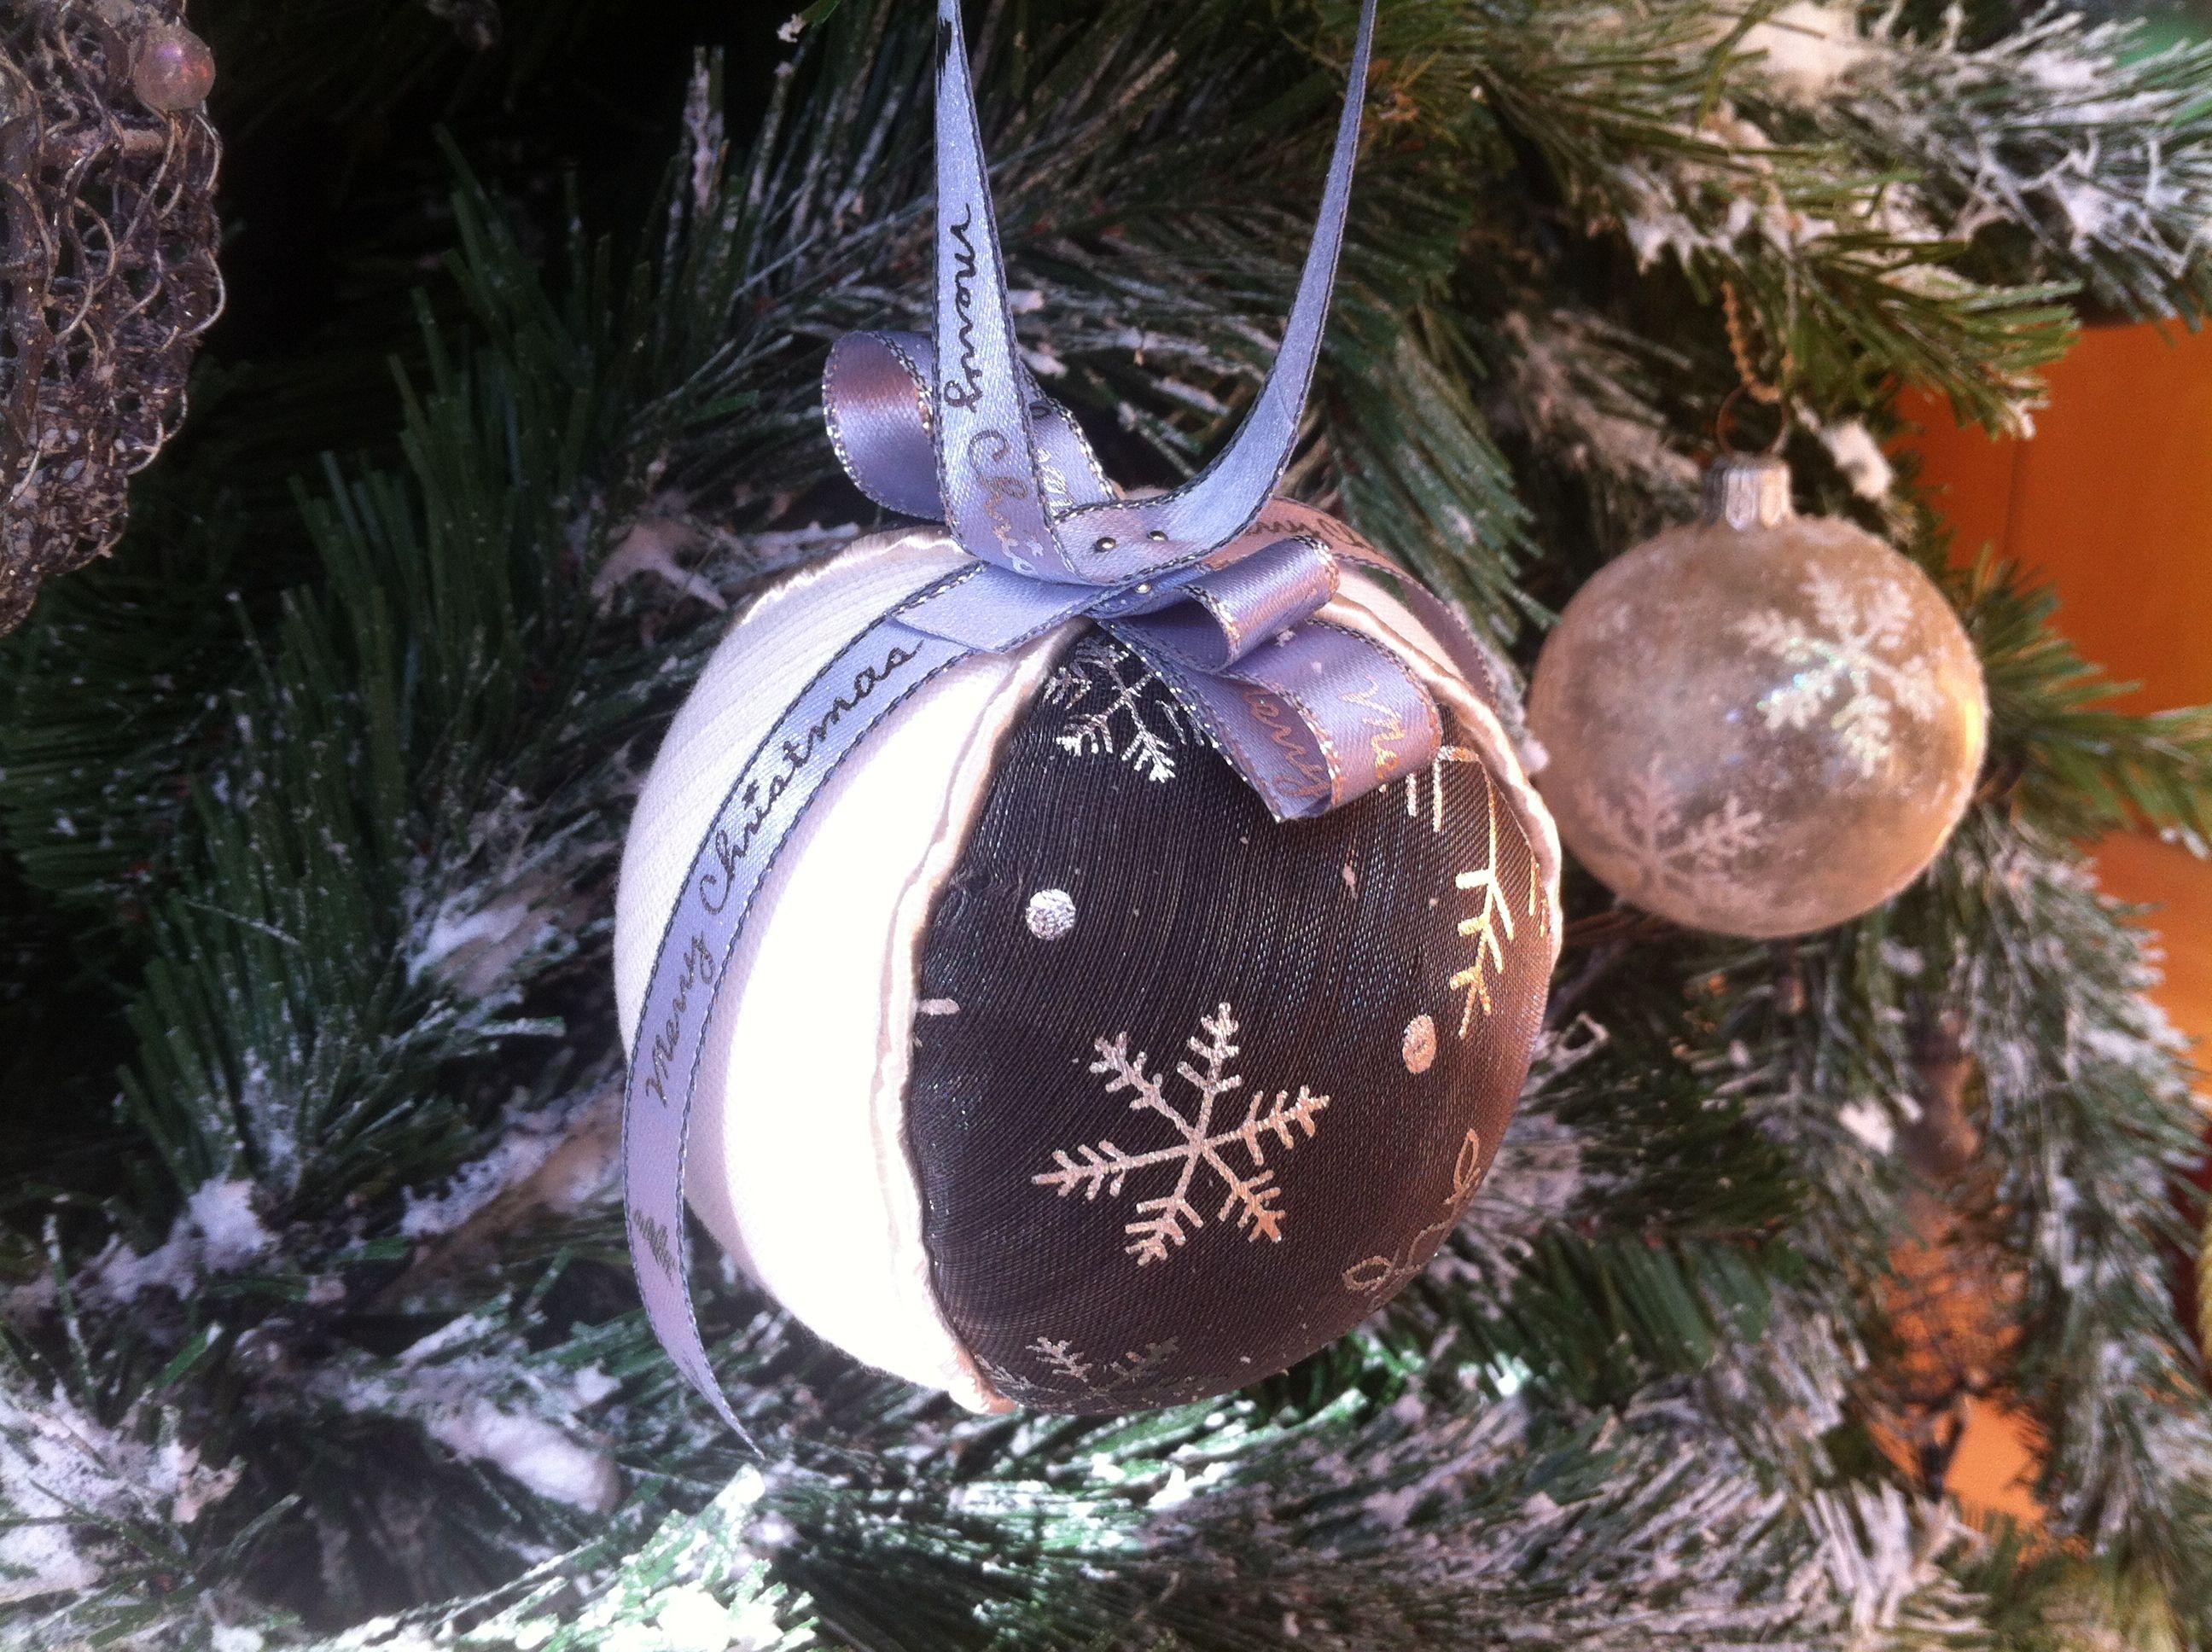 Bola decorativa de Natal. Revestimento a tecido e cordão. Diâmetro: 9cm